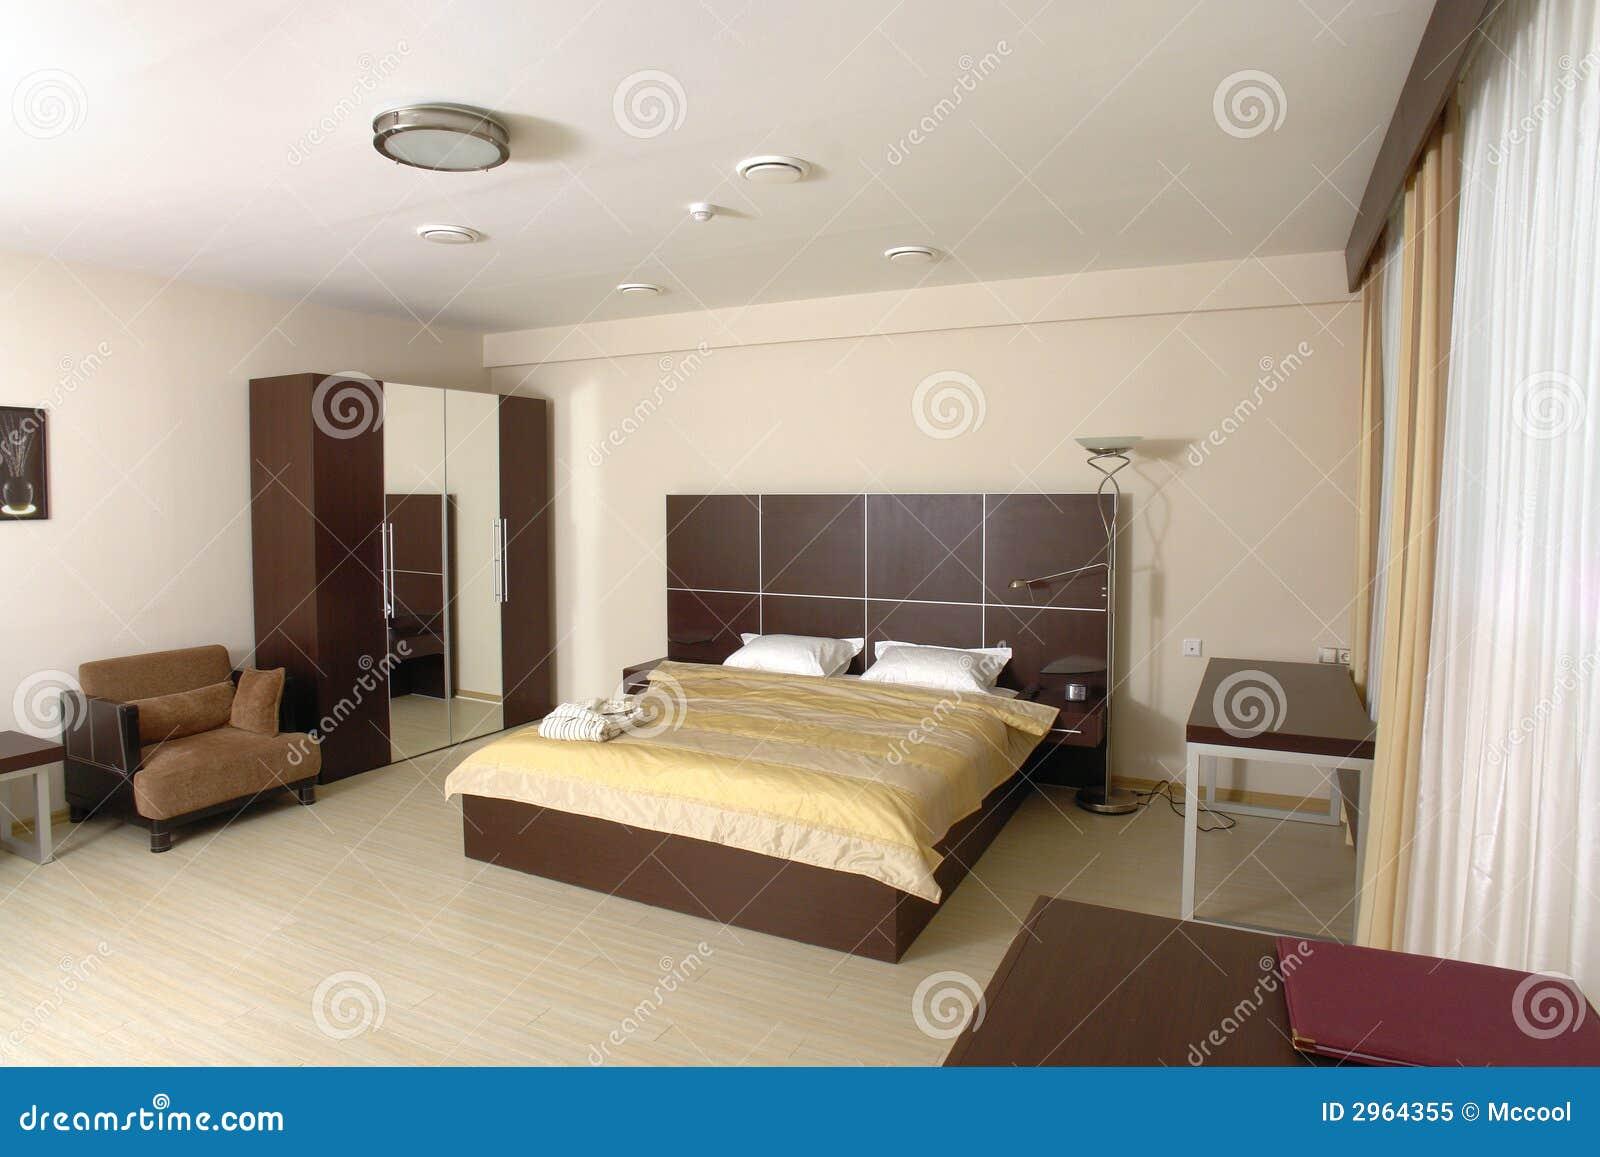 Modernes Schlafzimmer stockbild. Bild von möbel, fußboden ...